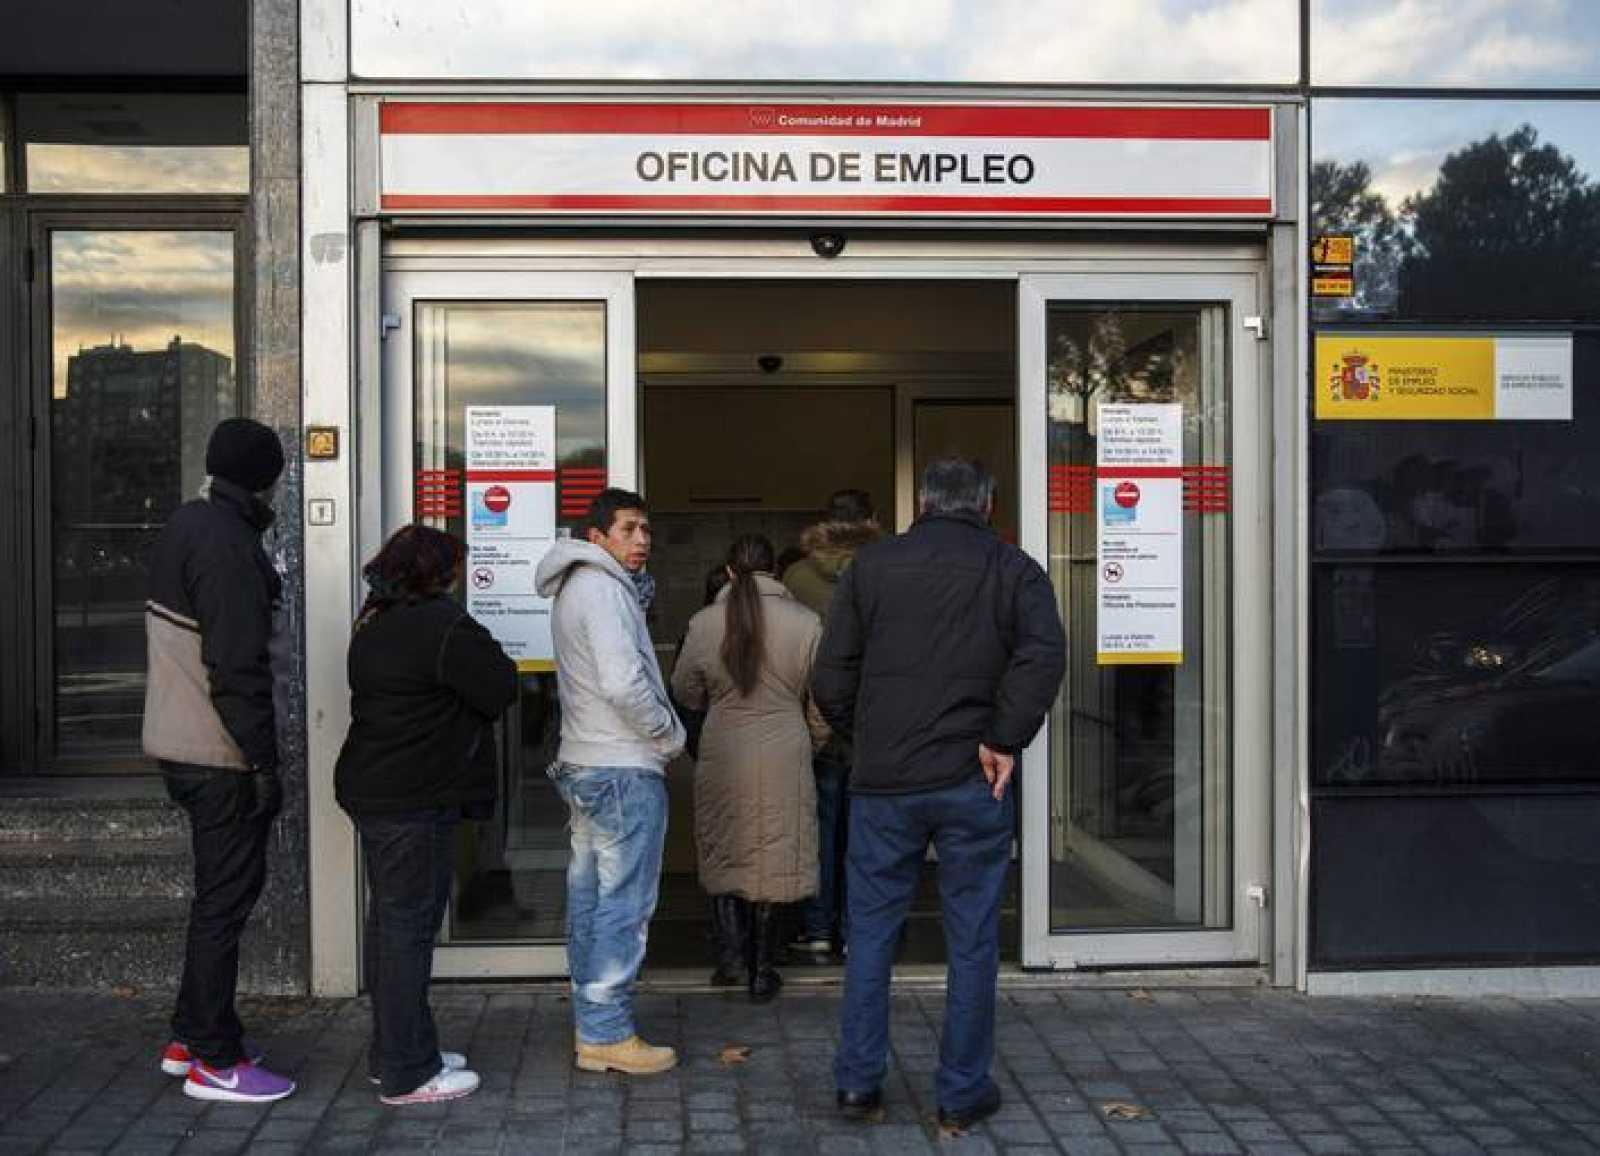 Gente entrando en una oficina de empleo de Madrid